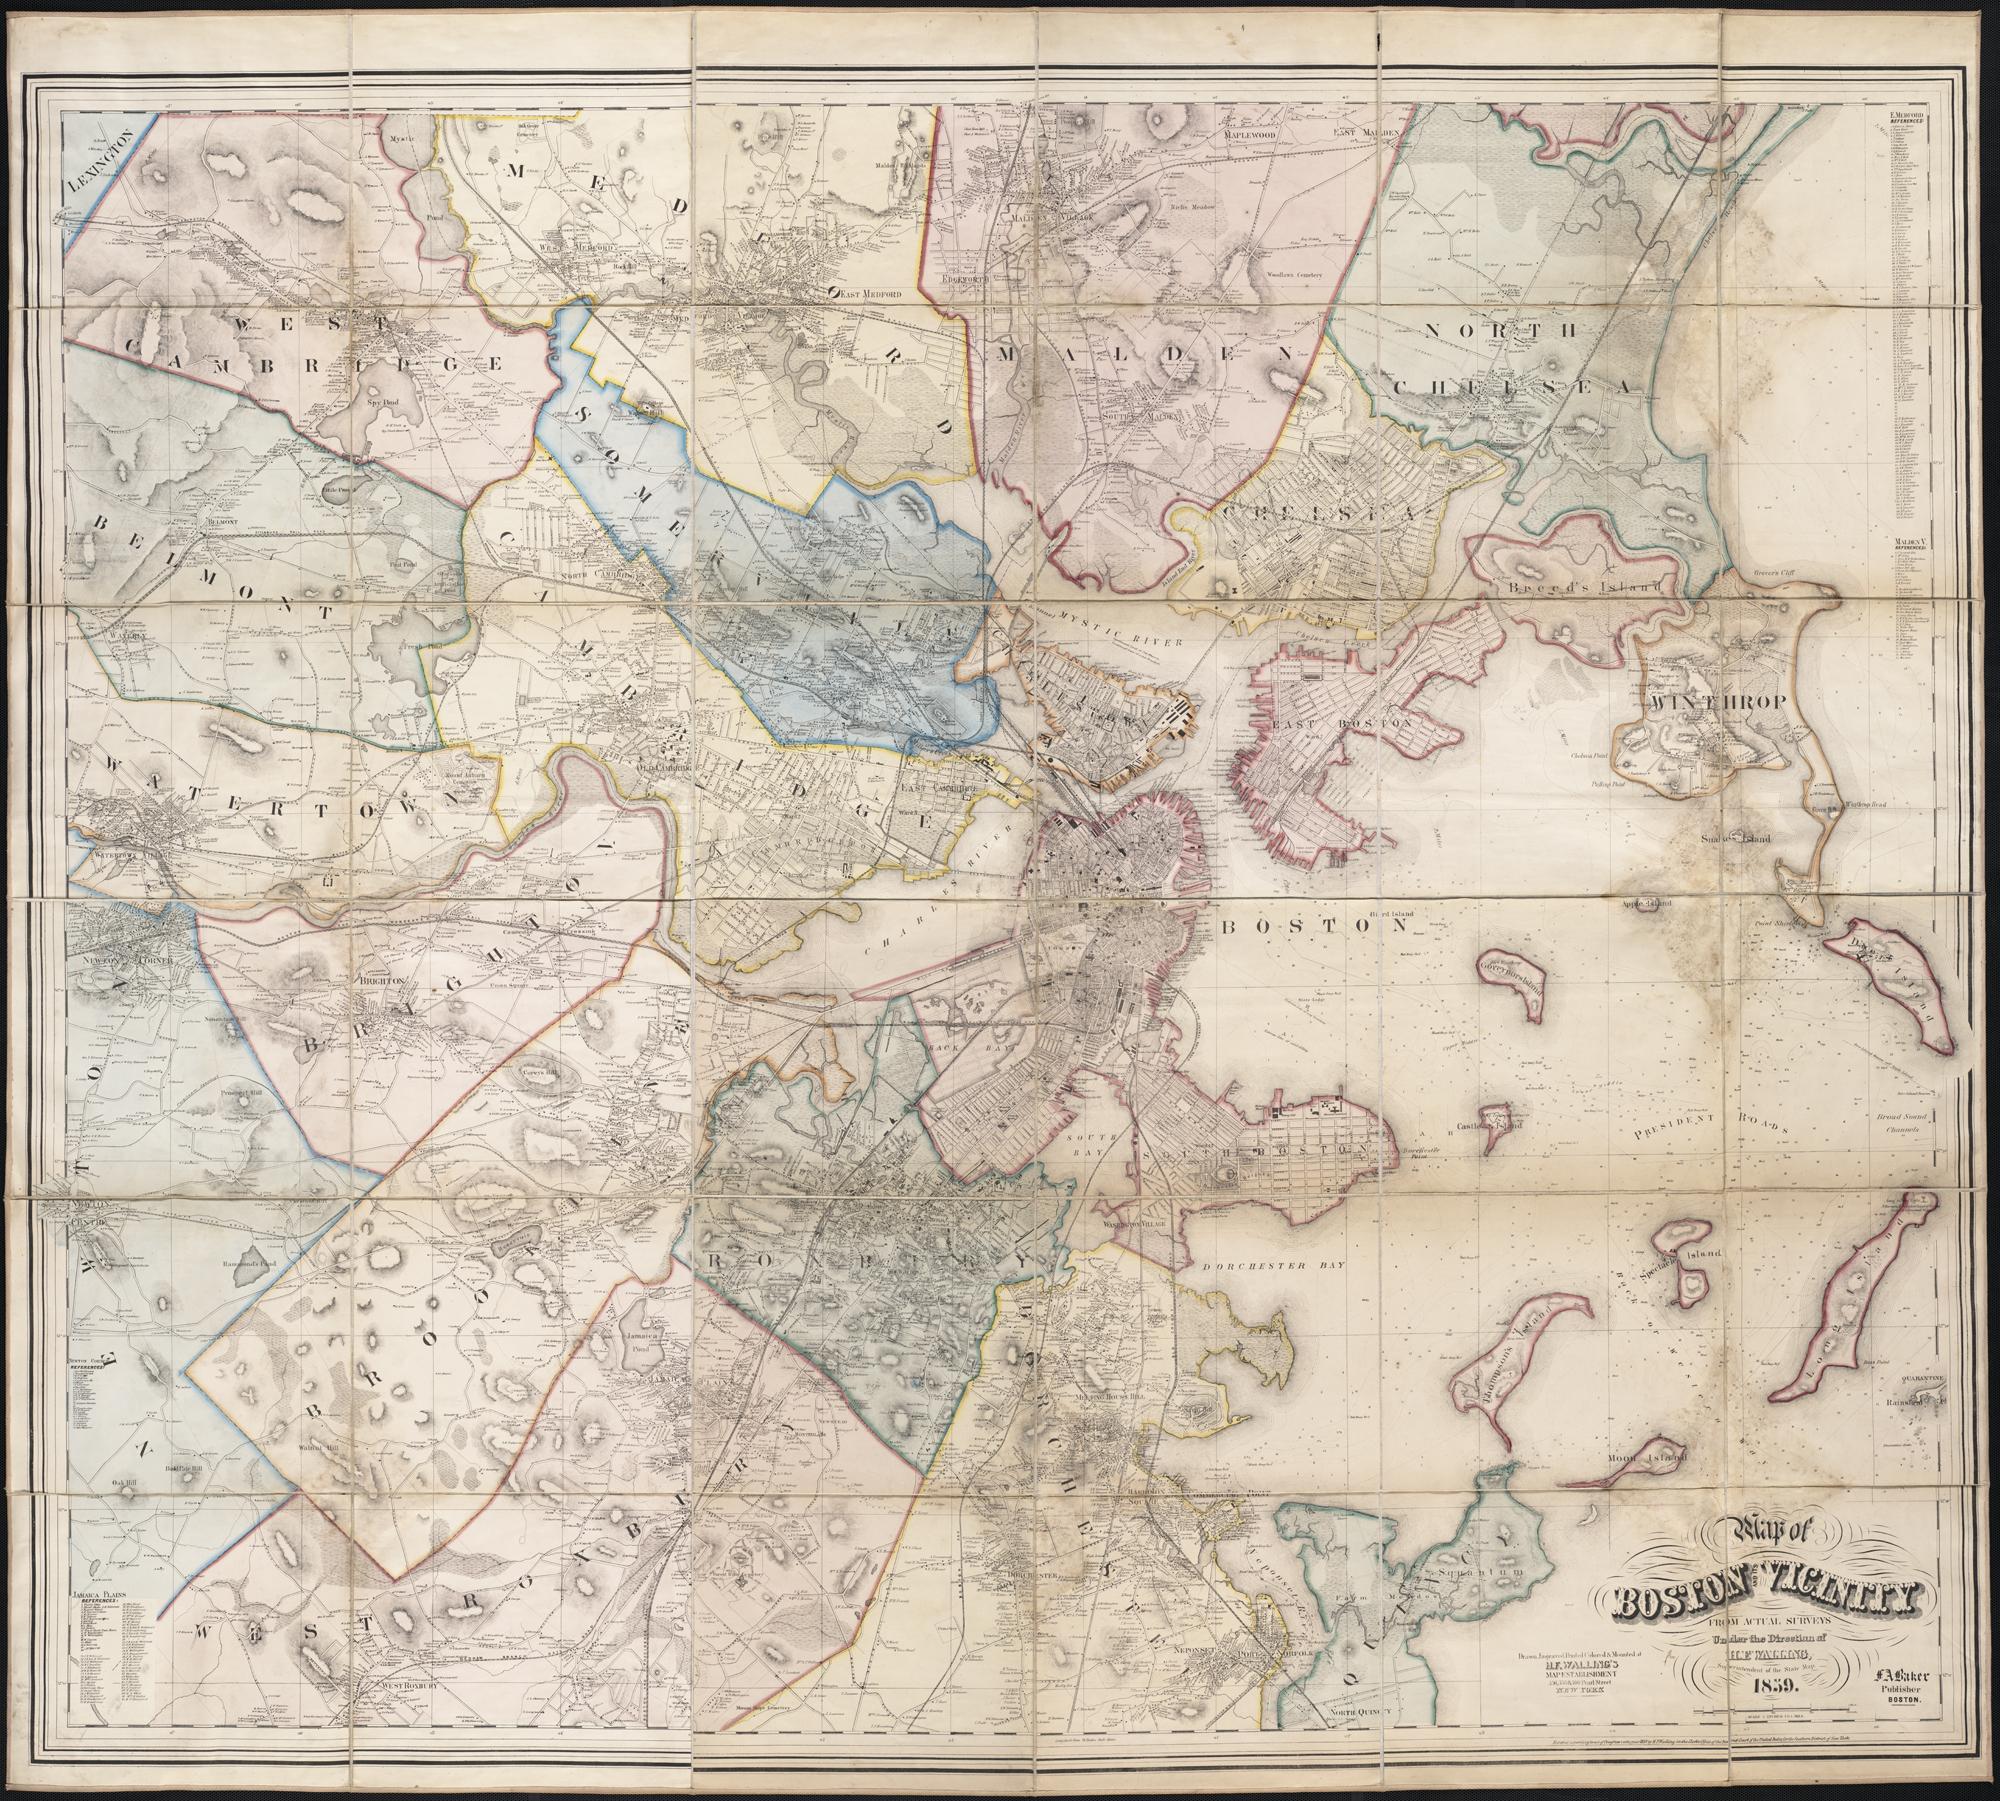 FileMap Of Boston And Its Vicinity Jpg Wikimedia - Map of boston vicinity